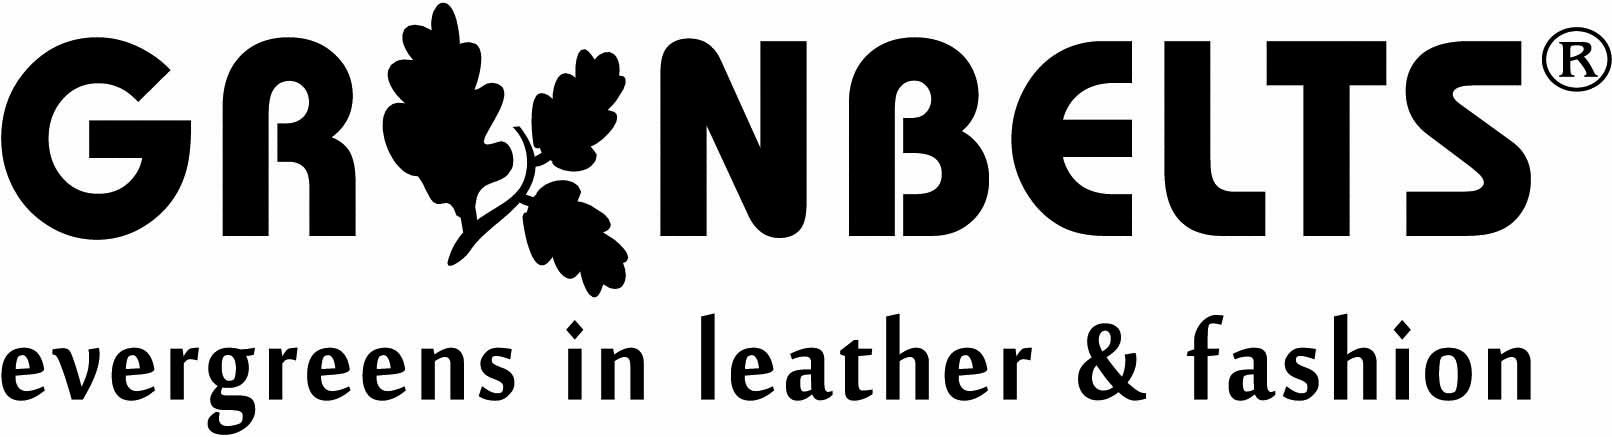 Greenbelts Logo_sw.jpg